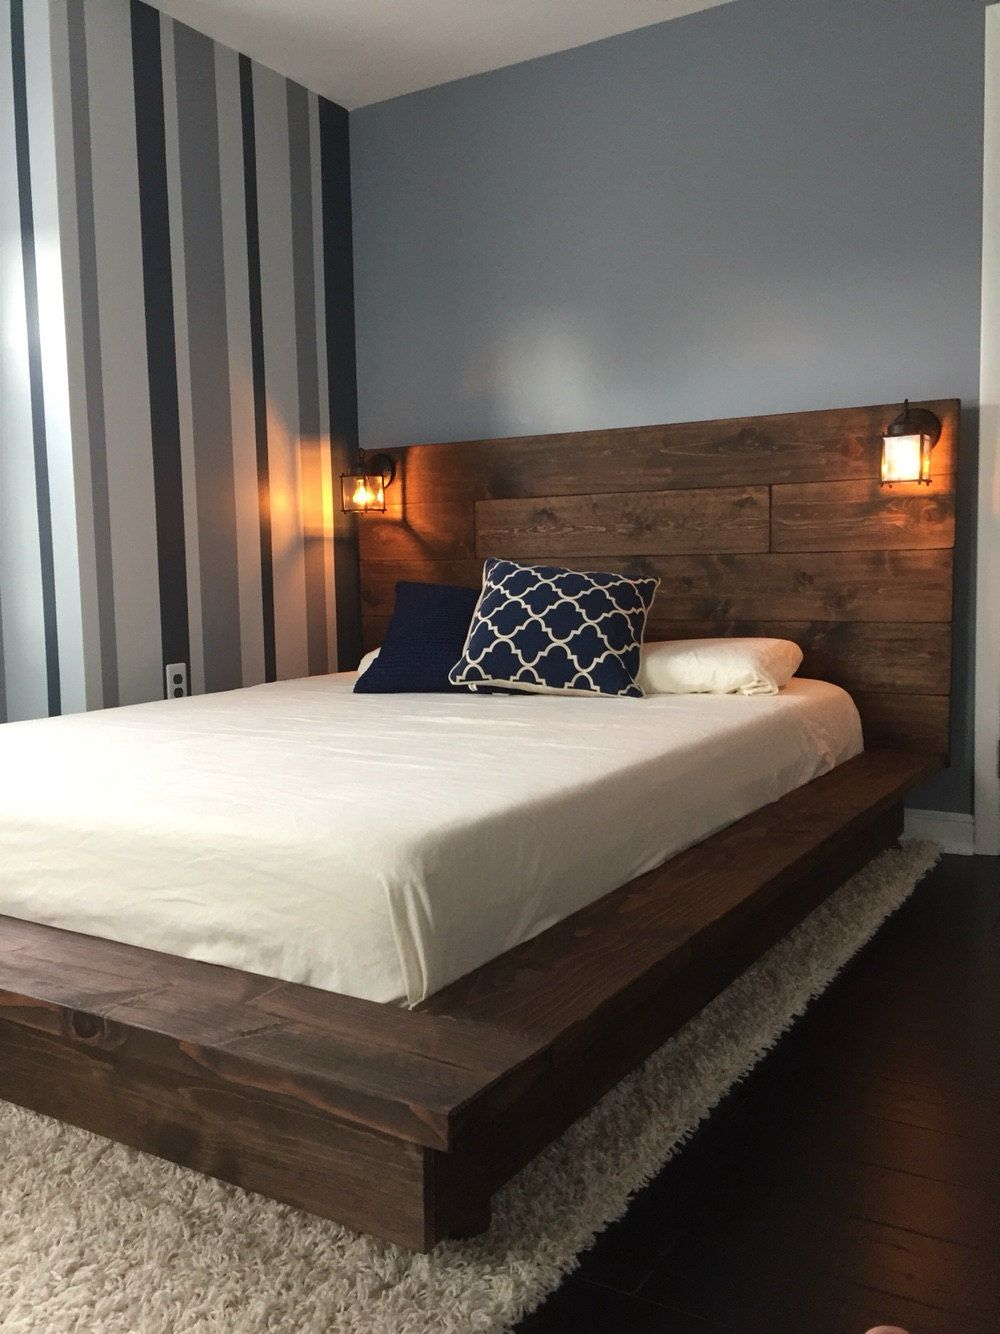 Wooden box bed design - Sale 20 Off Floating Wood Platform Bed Frame By Knotsandbiscuits